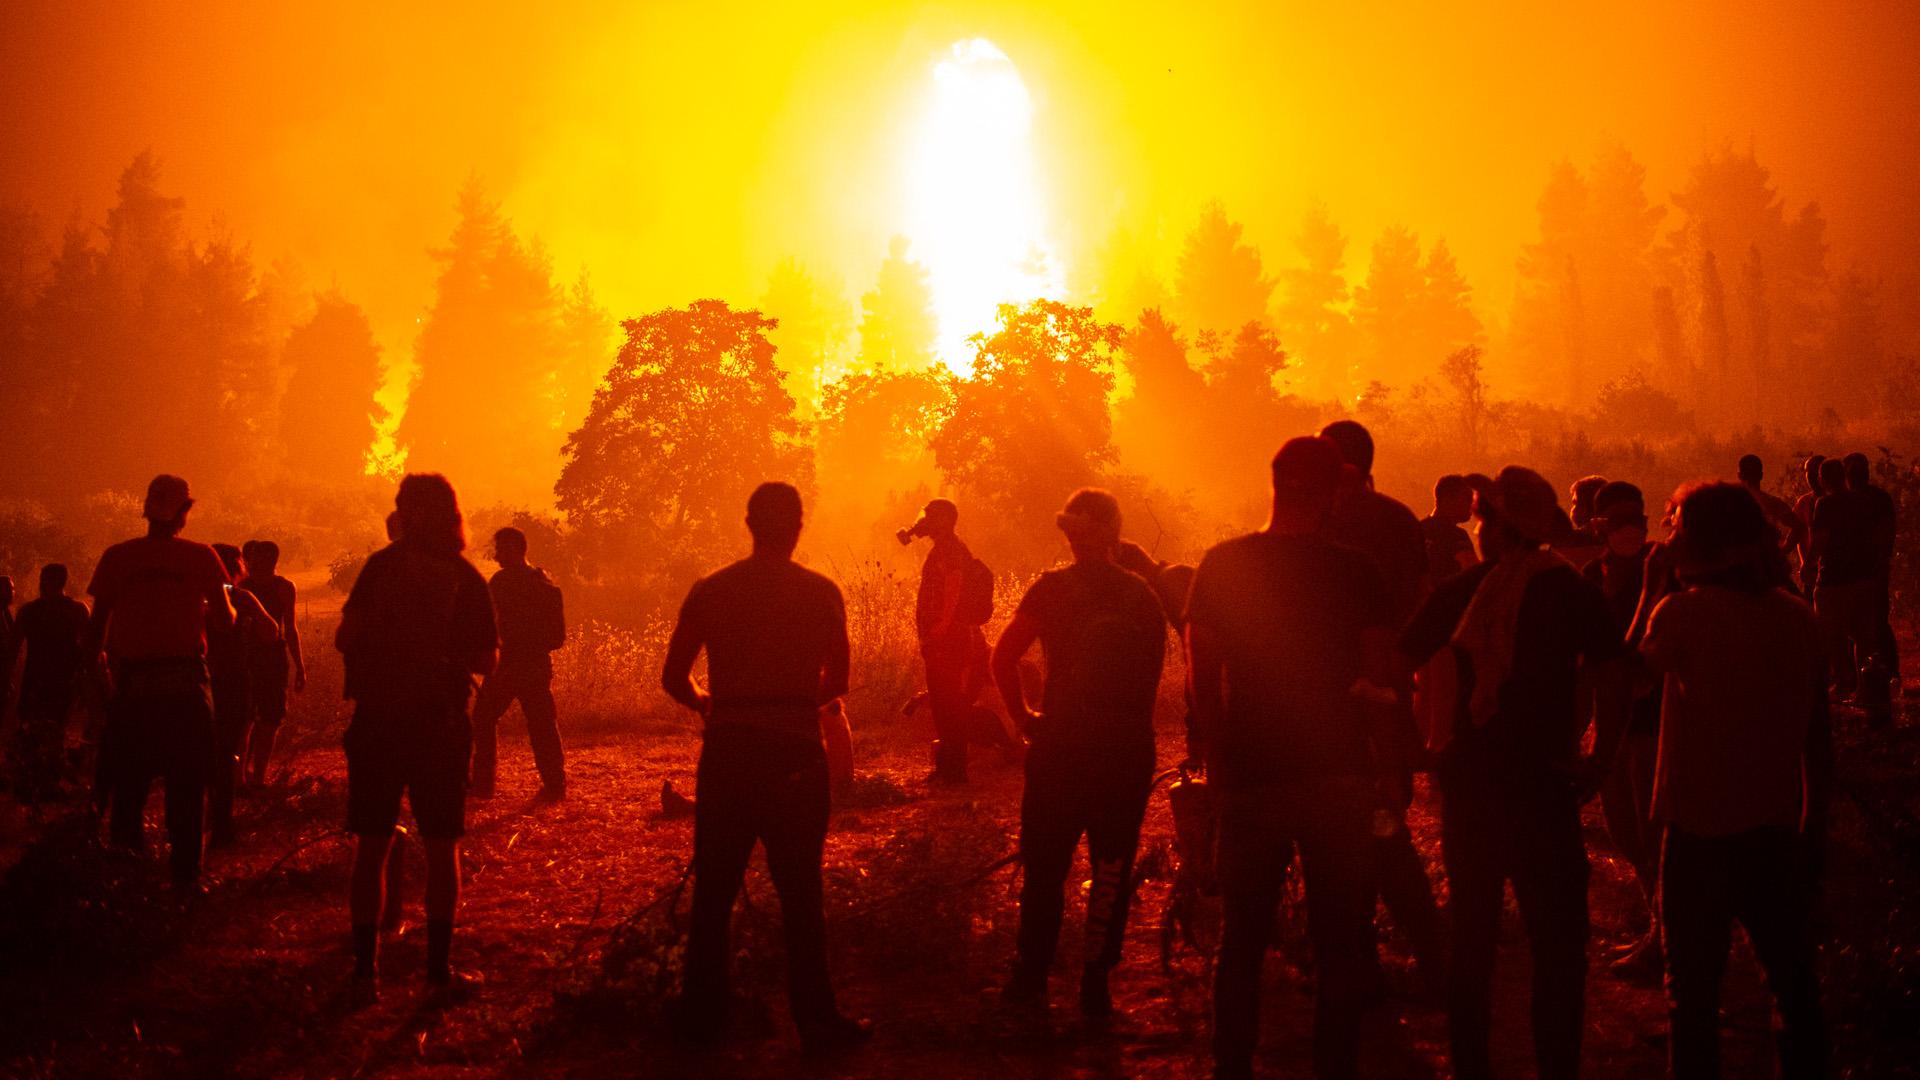 Pusztító tűzvész a görög szigeten